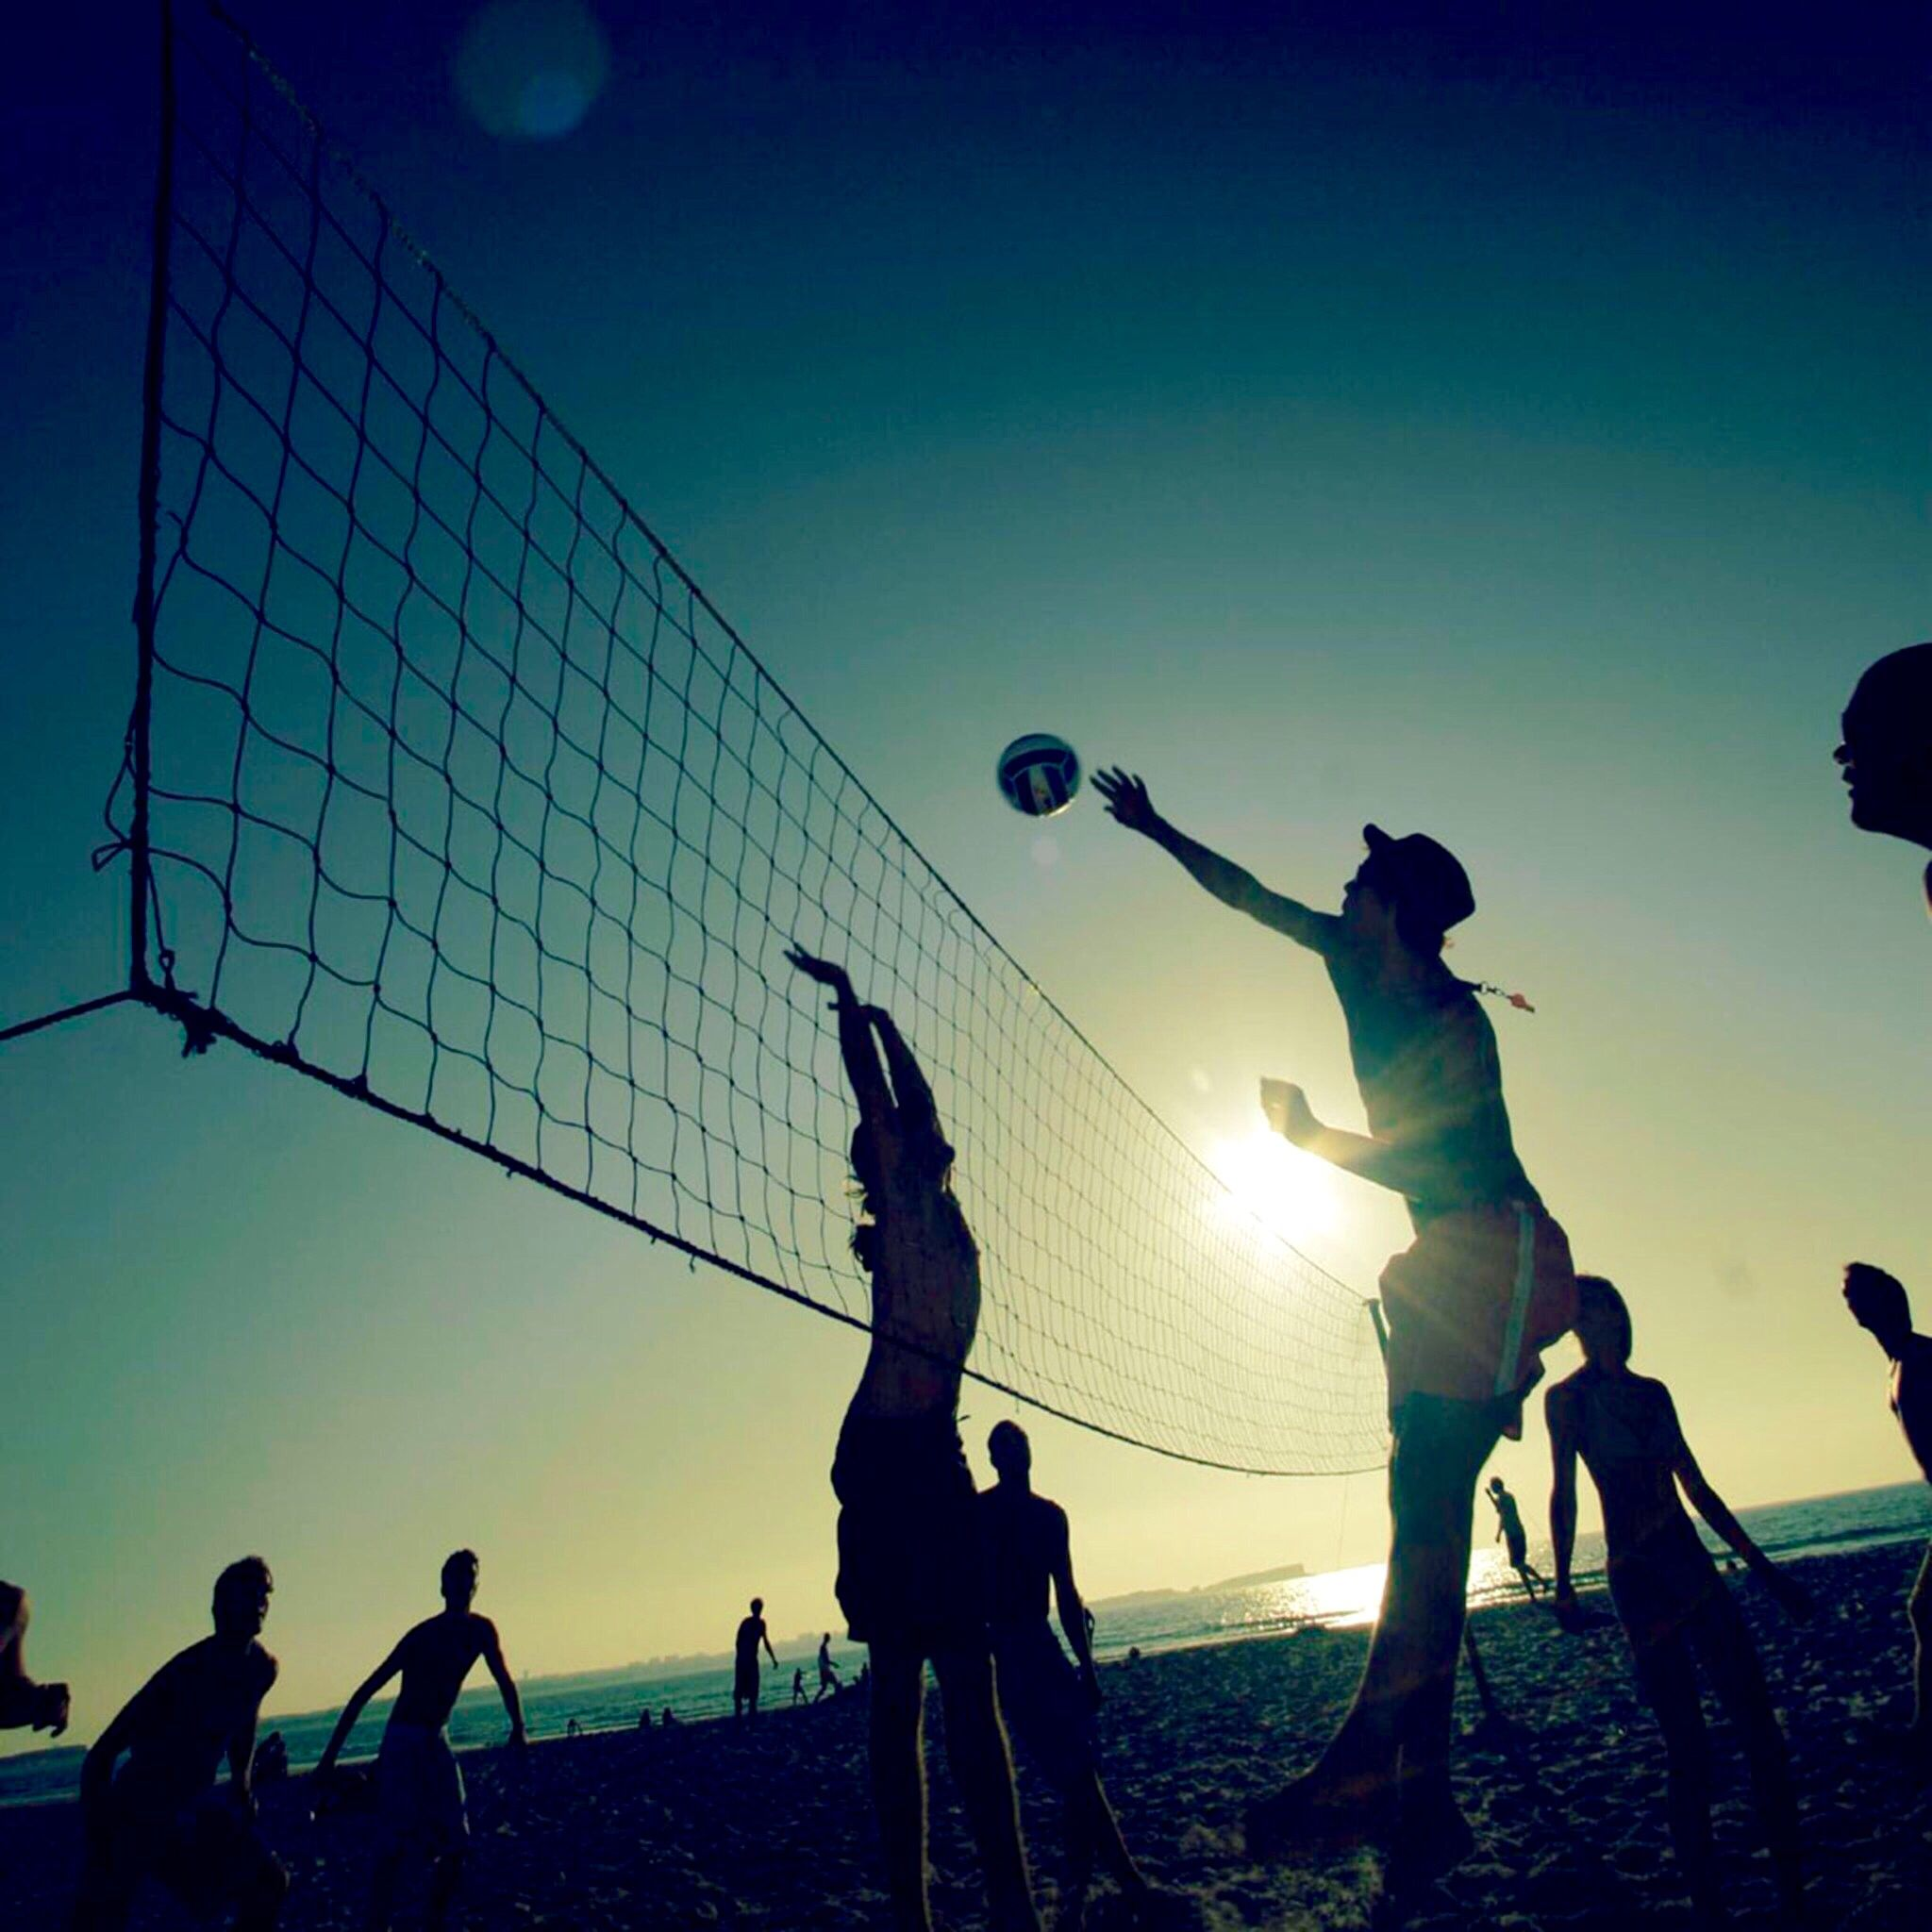 с добрым утром волейбол фото неумолимо движется